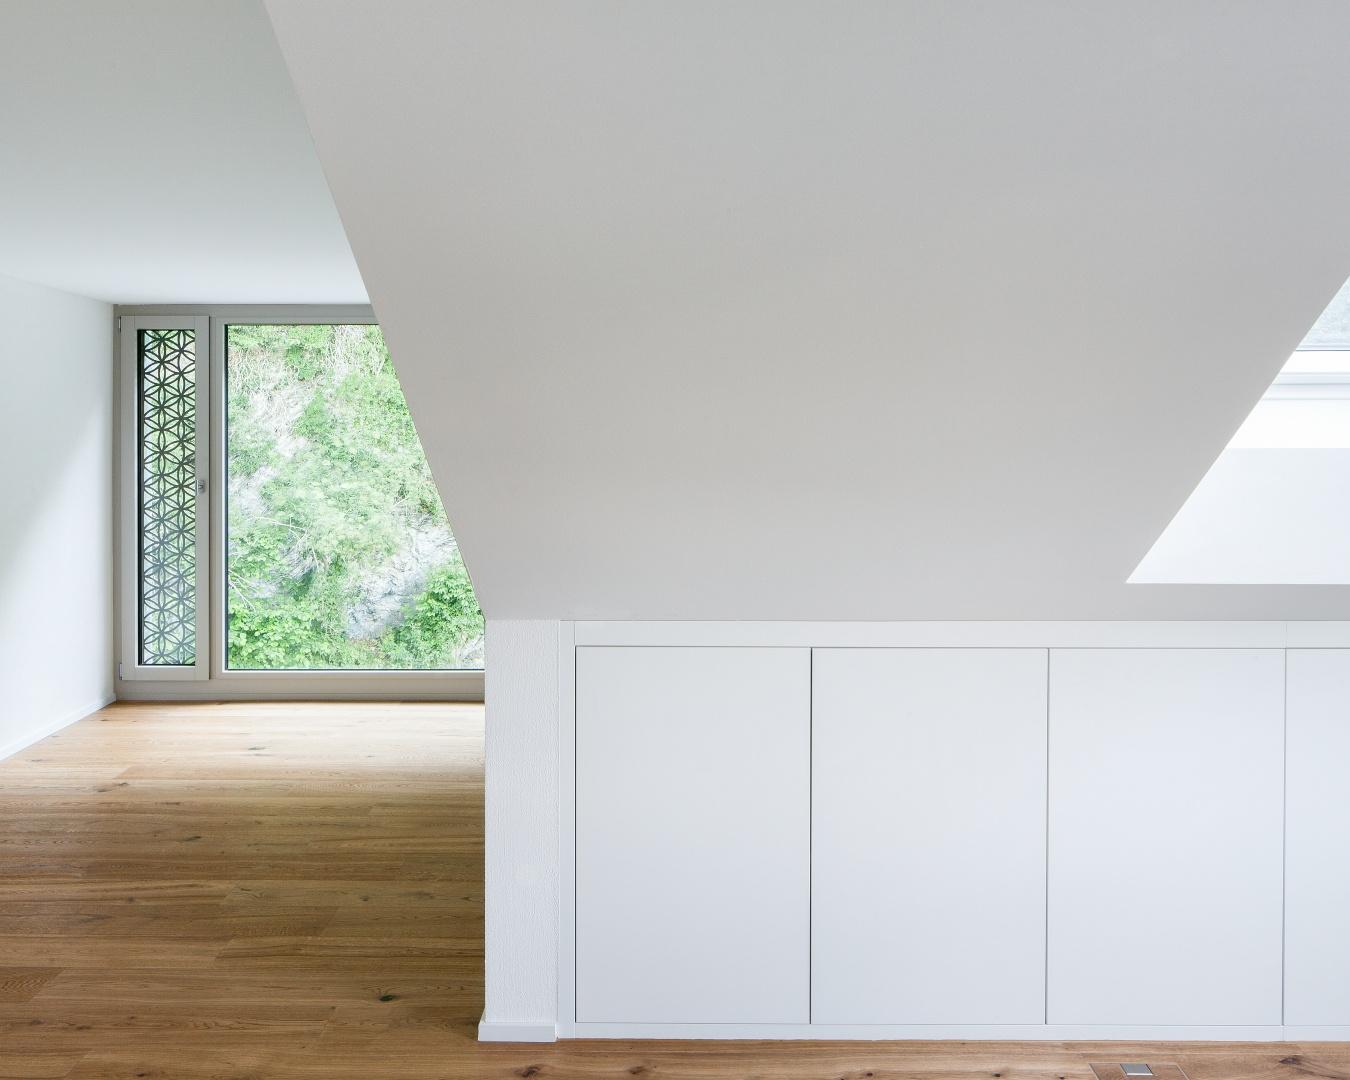 © Schwabe Suter Architekten